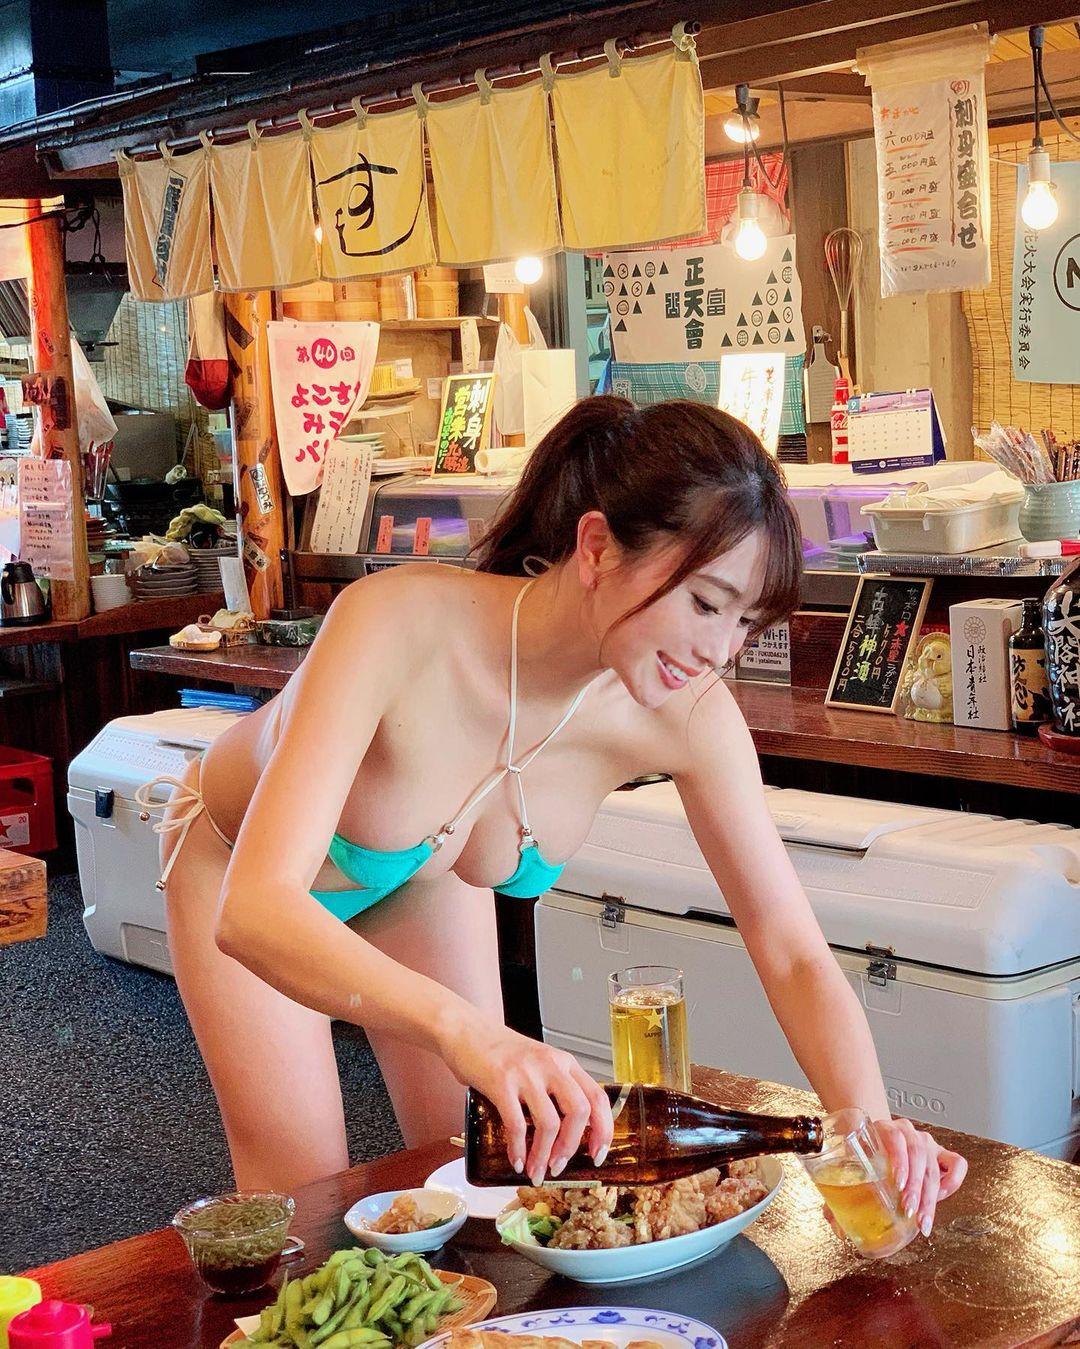 大胸妹子森咲智美比基尼写真图片,弯腰爆乳画面太美了